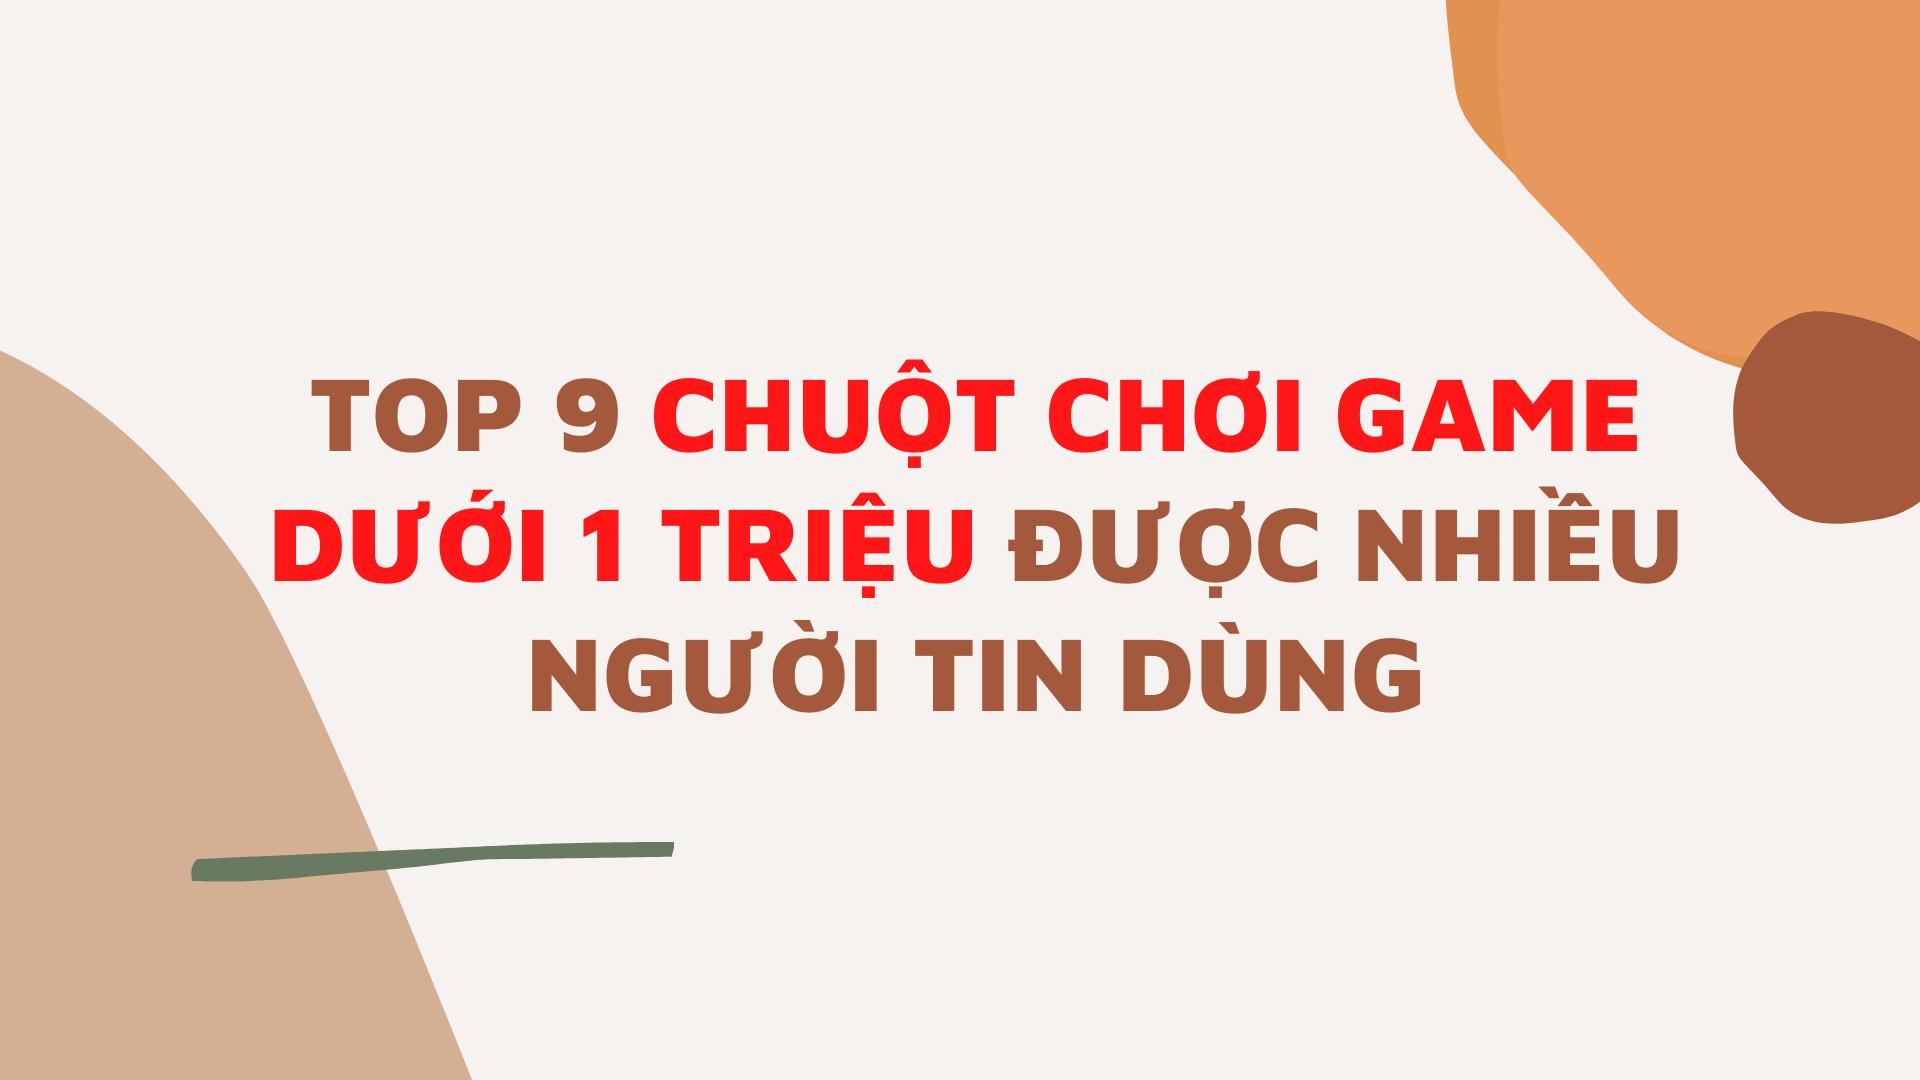 chuot-may-tinh-duoi-1-trieu